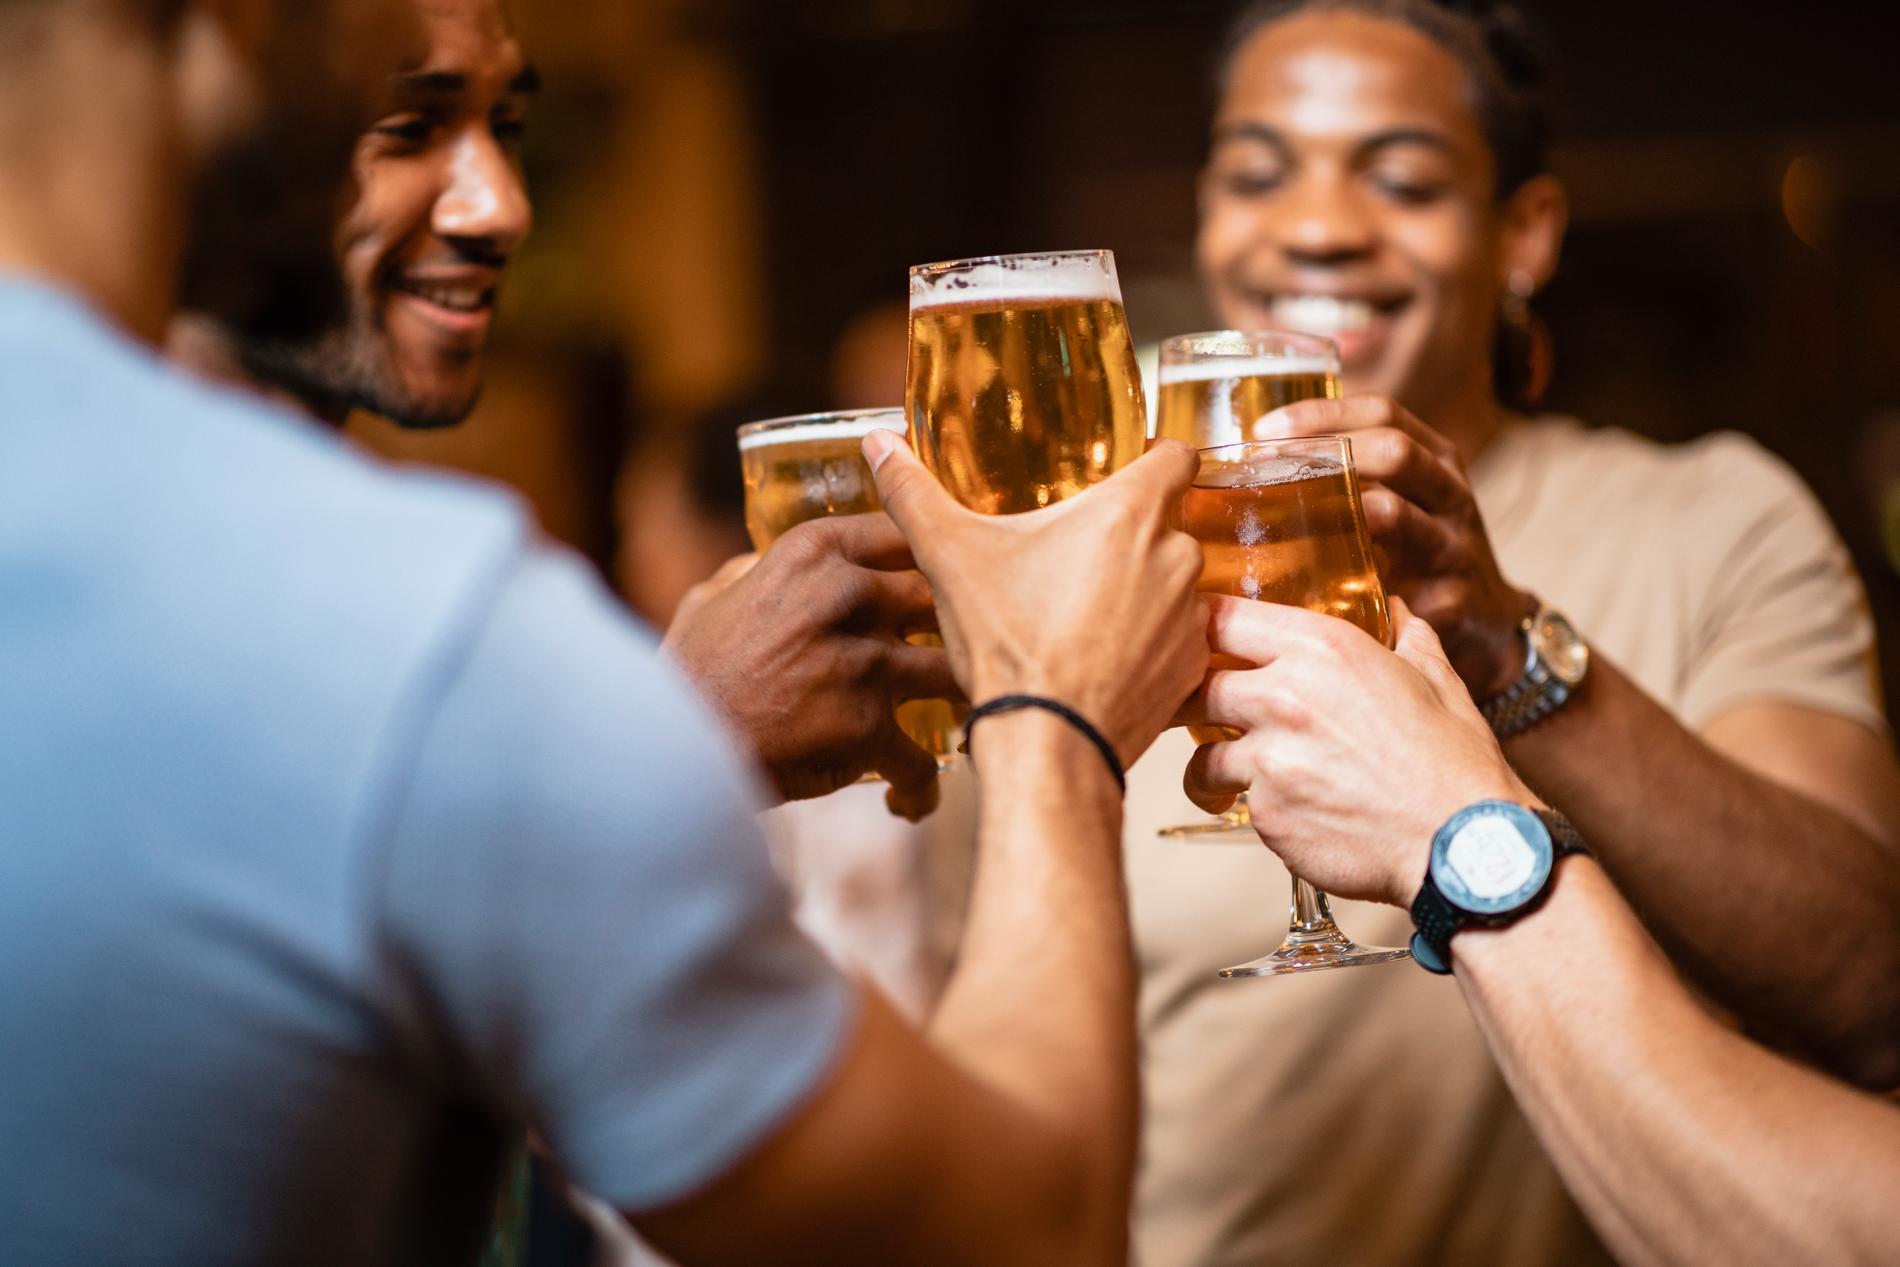 Försäljningen av alkoholfri öl i näthandeln har ökat med 351 procent under pandemin.